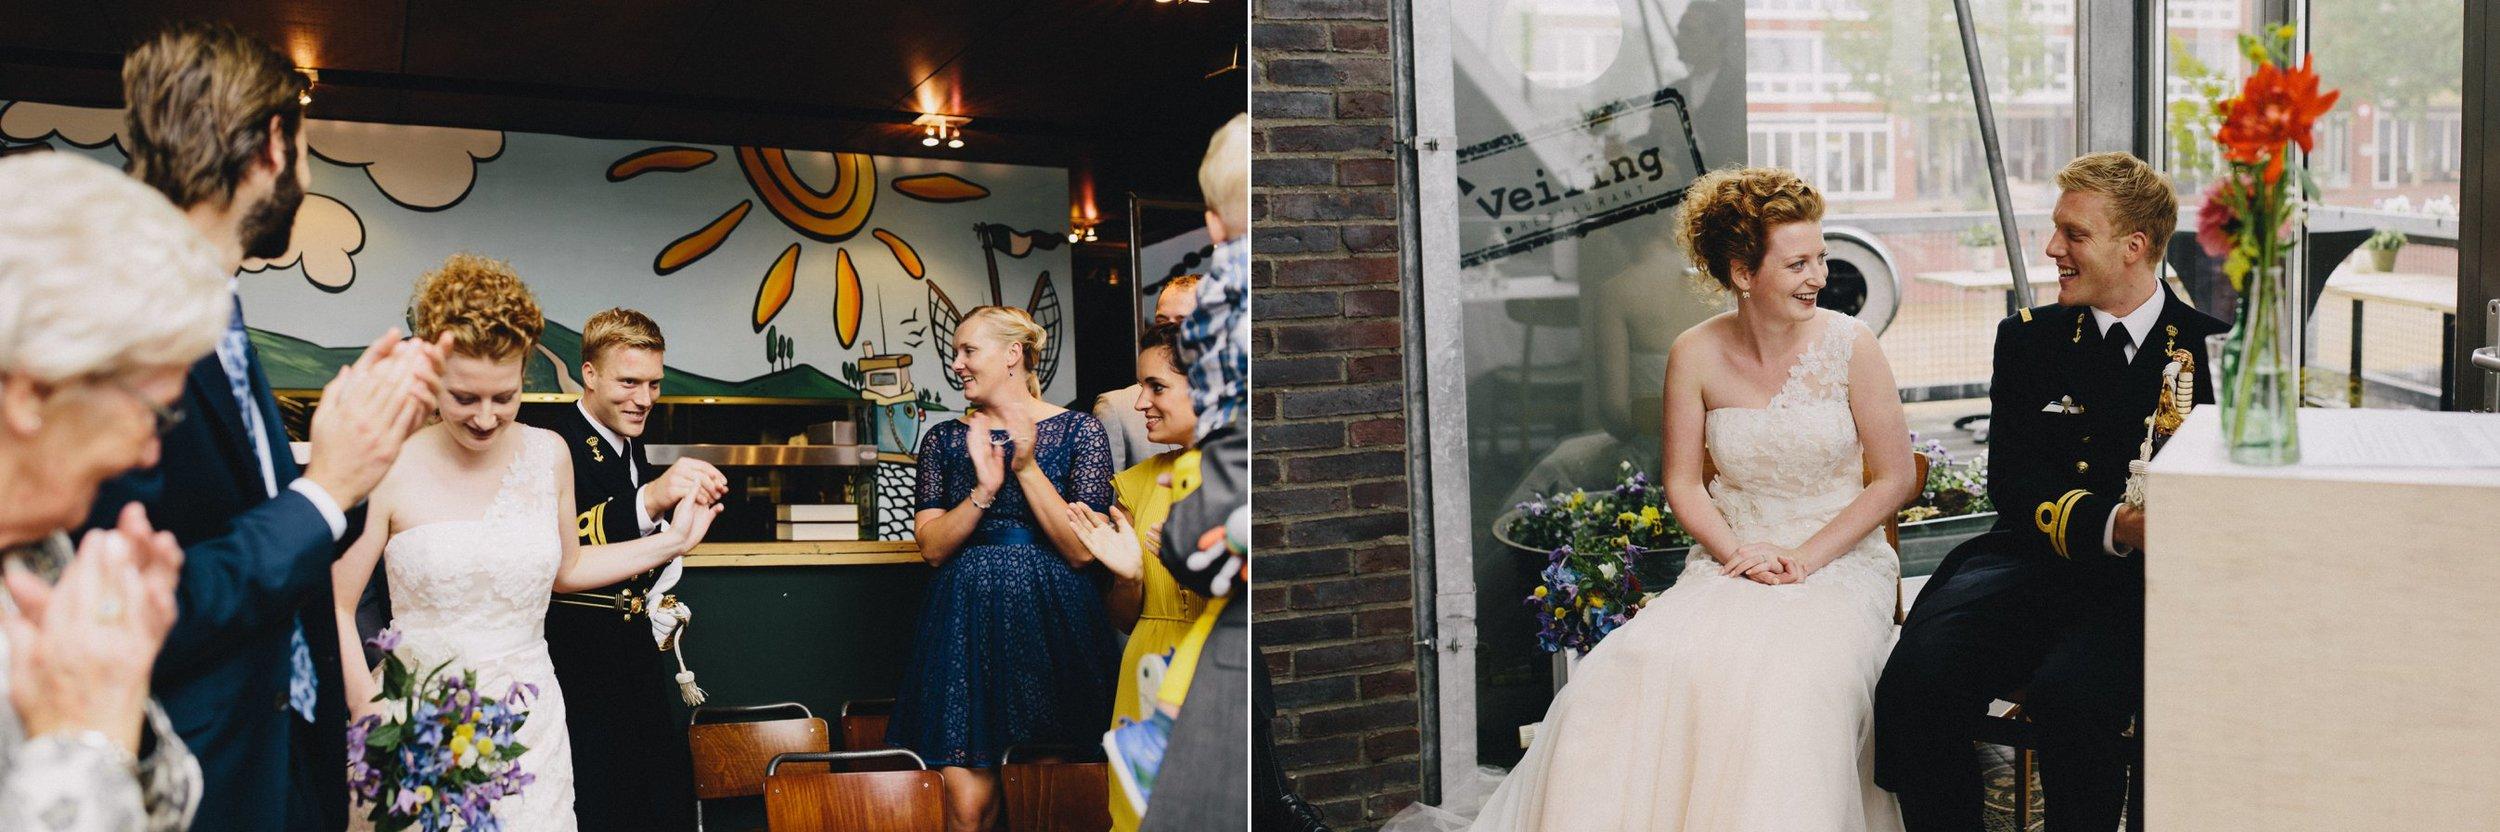 Bruidsfotografie-Utrecht-Edo-Marije_0078.jpg